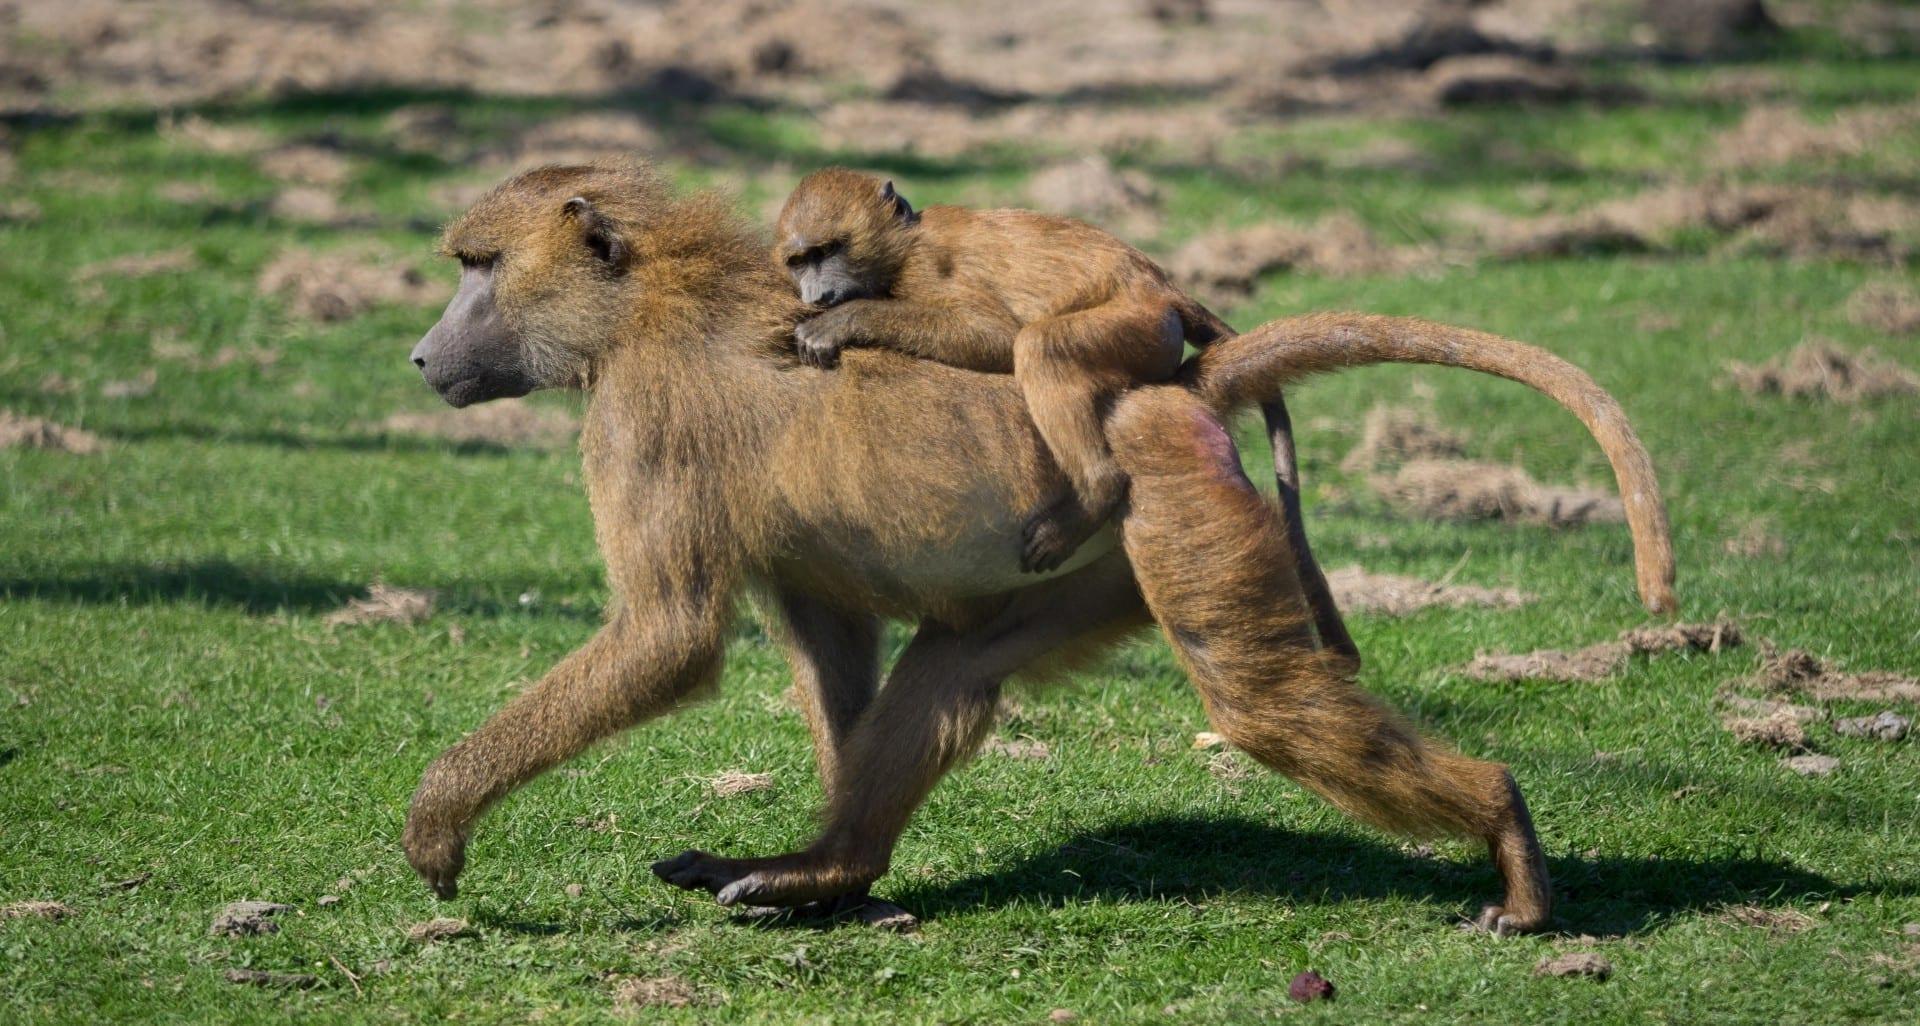 Madre e hijo de un babuino de Guinea en el Parque de Animales Salvajes de Port Lympne Hythe Reino Unido